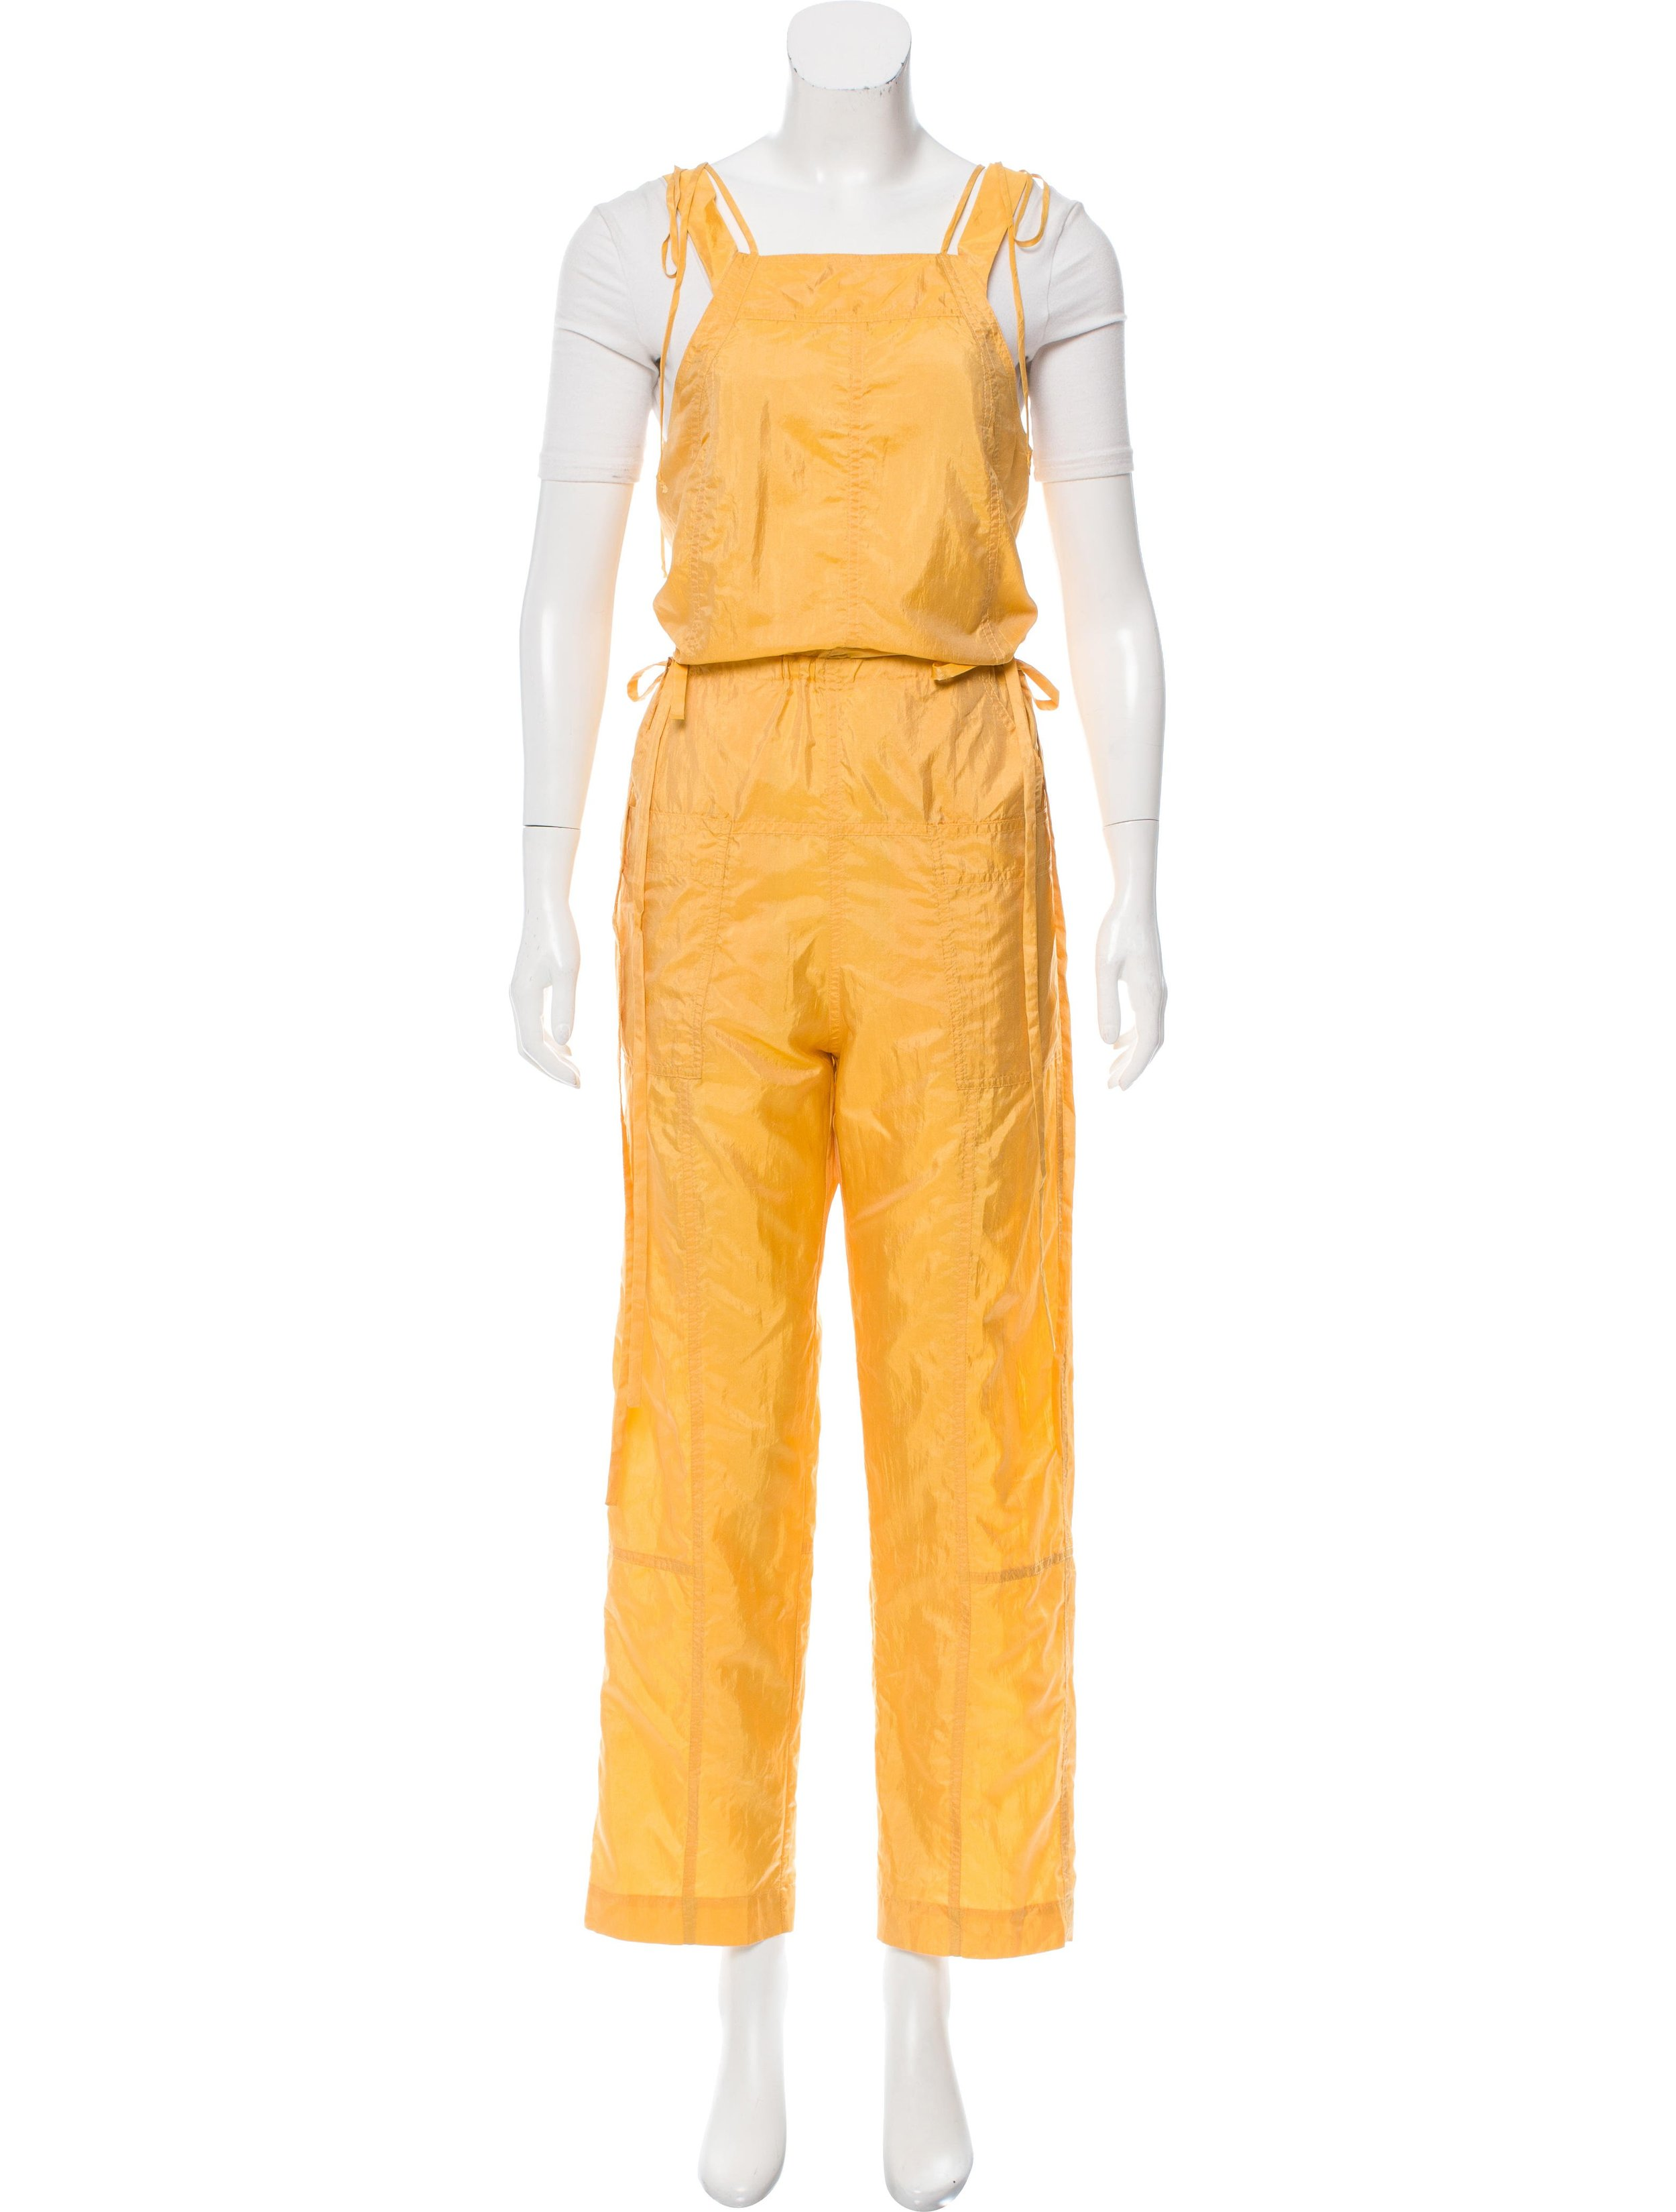 ISABEL MARANT SLEEVELESS WIDE-LEG JUMPSUIT; Size: US 2; $195.00